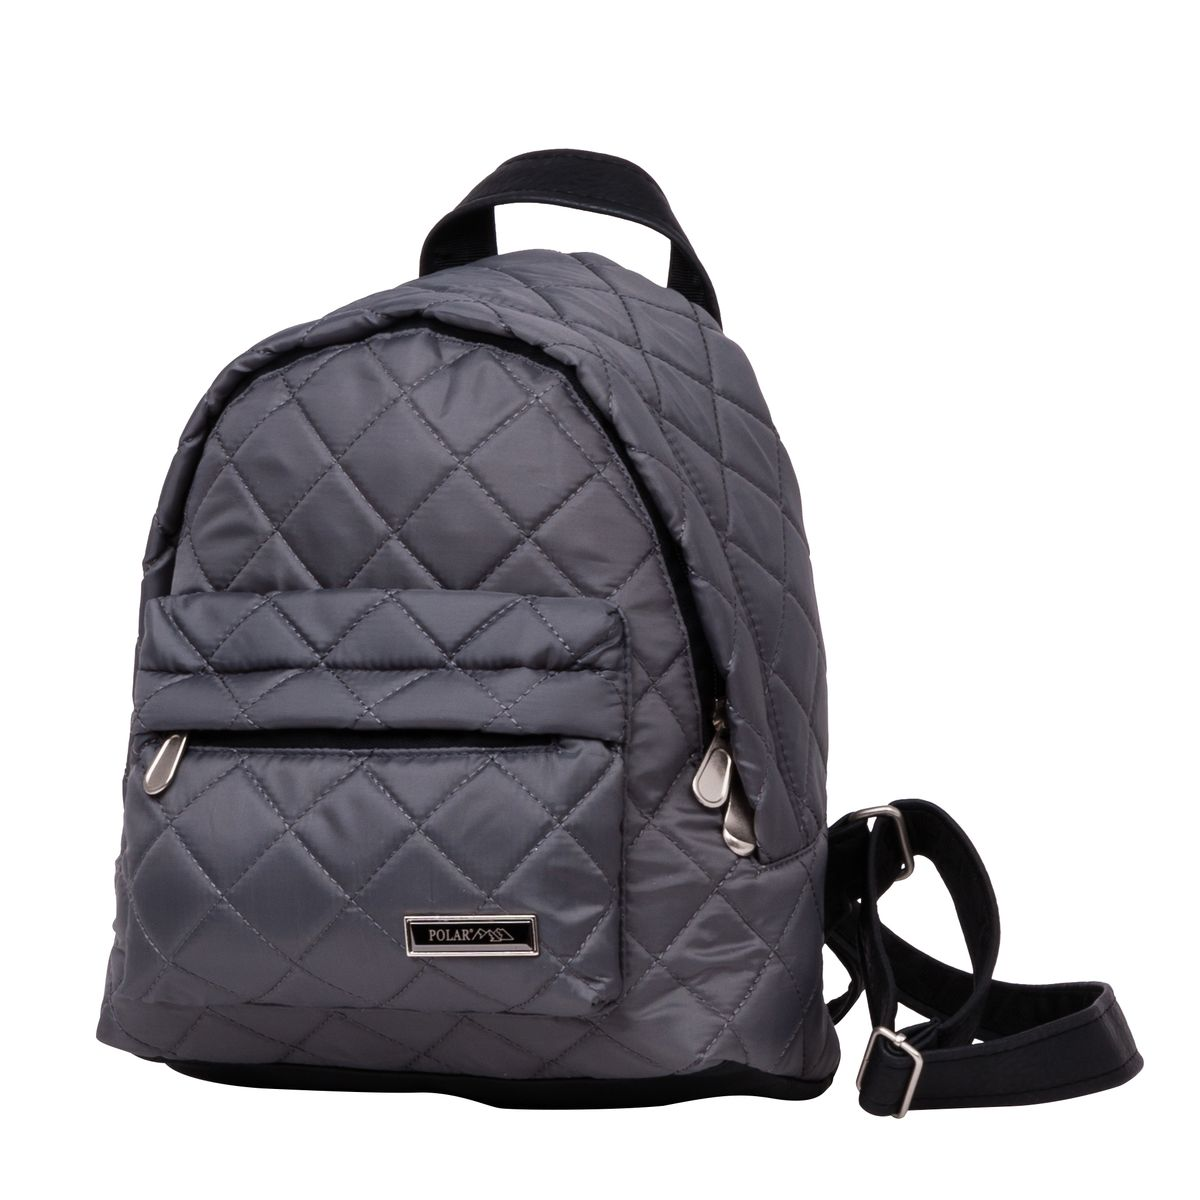 Рюкзак городской женский Polar, цвет: темно-серый, 9 л. п7075-06 - Рюкзаки